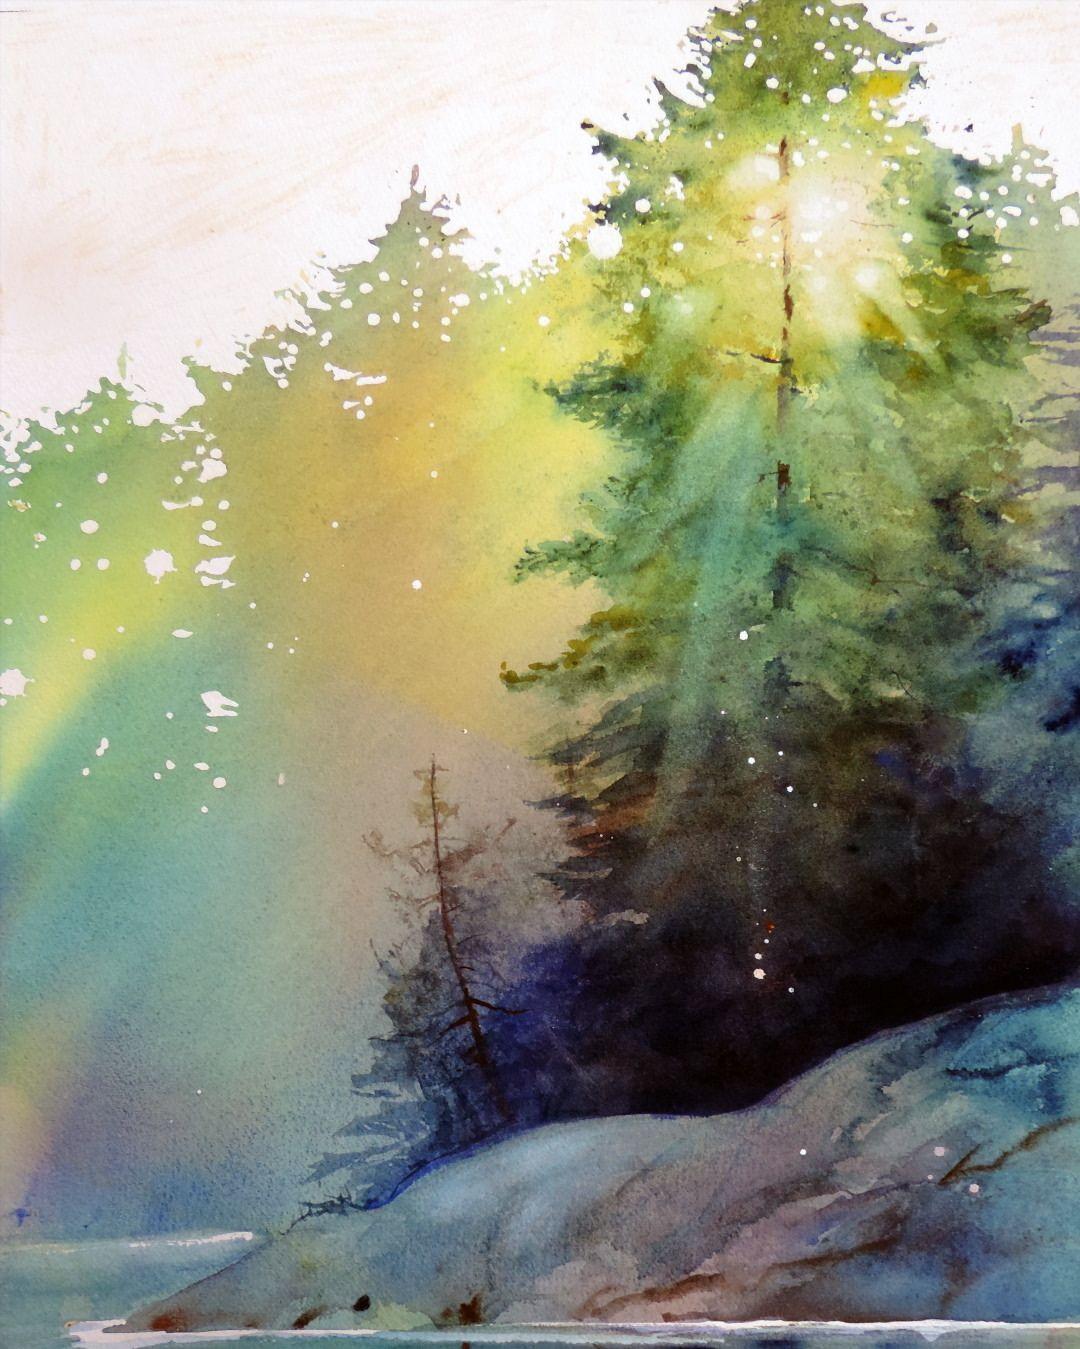 watercolor | Art | Pinterest | Watercolor, Watercolor art and ...